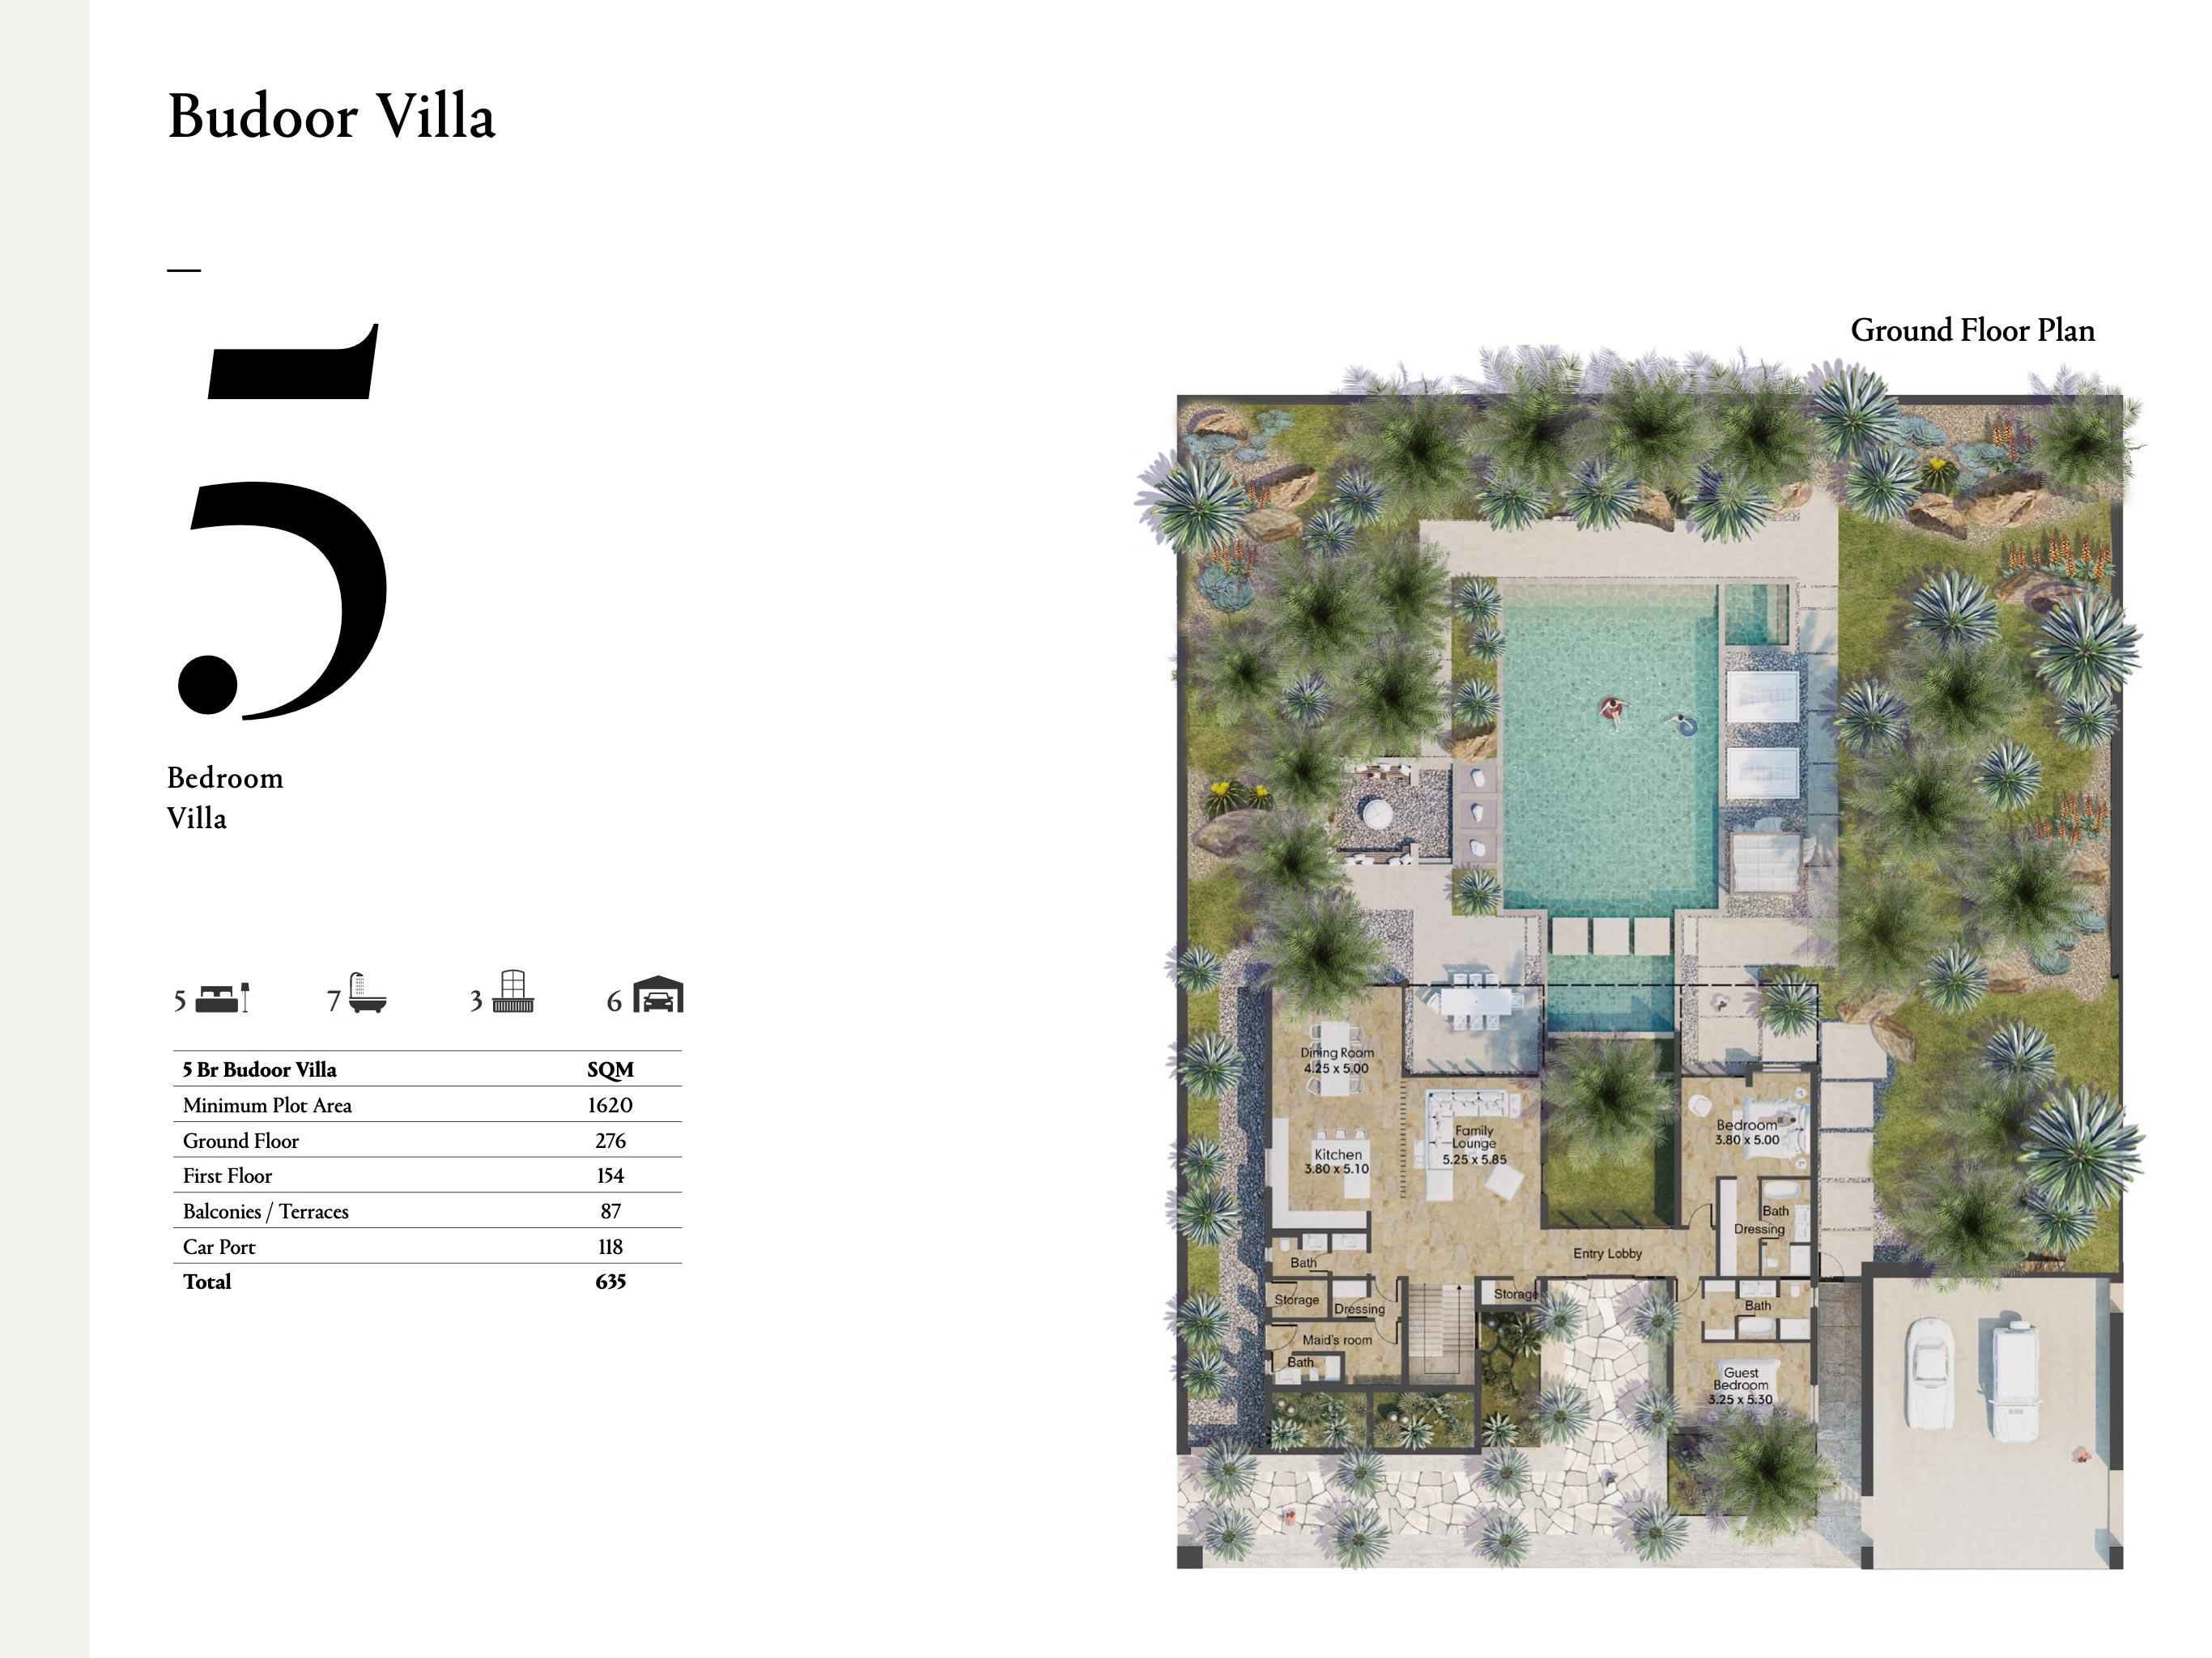 فلل من خمس غرف نوم بمساحة 635 متر مربع